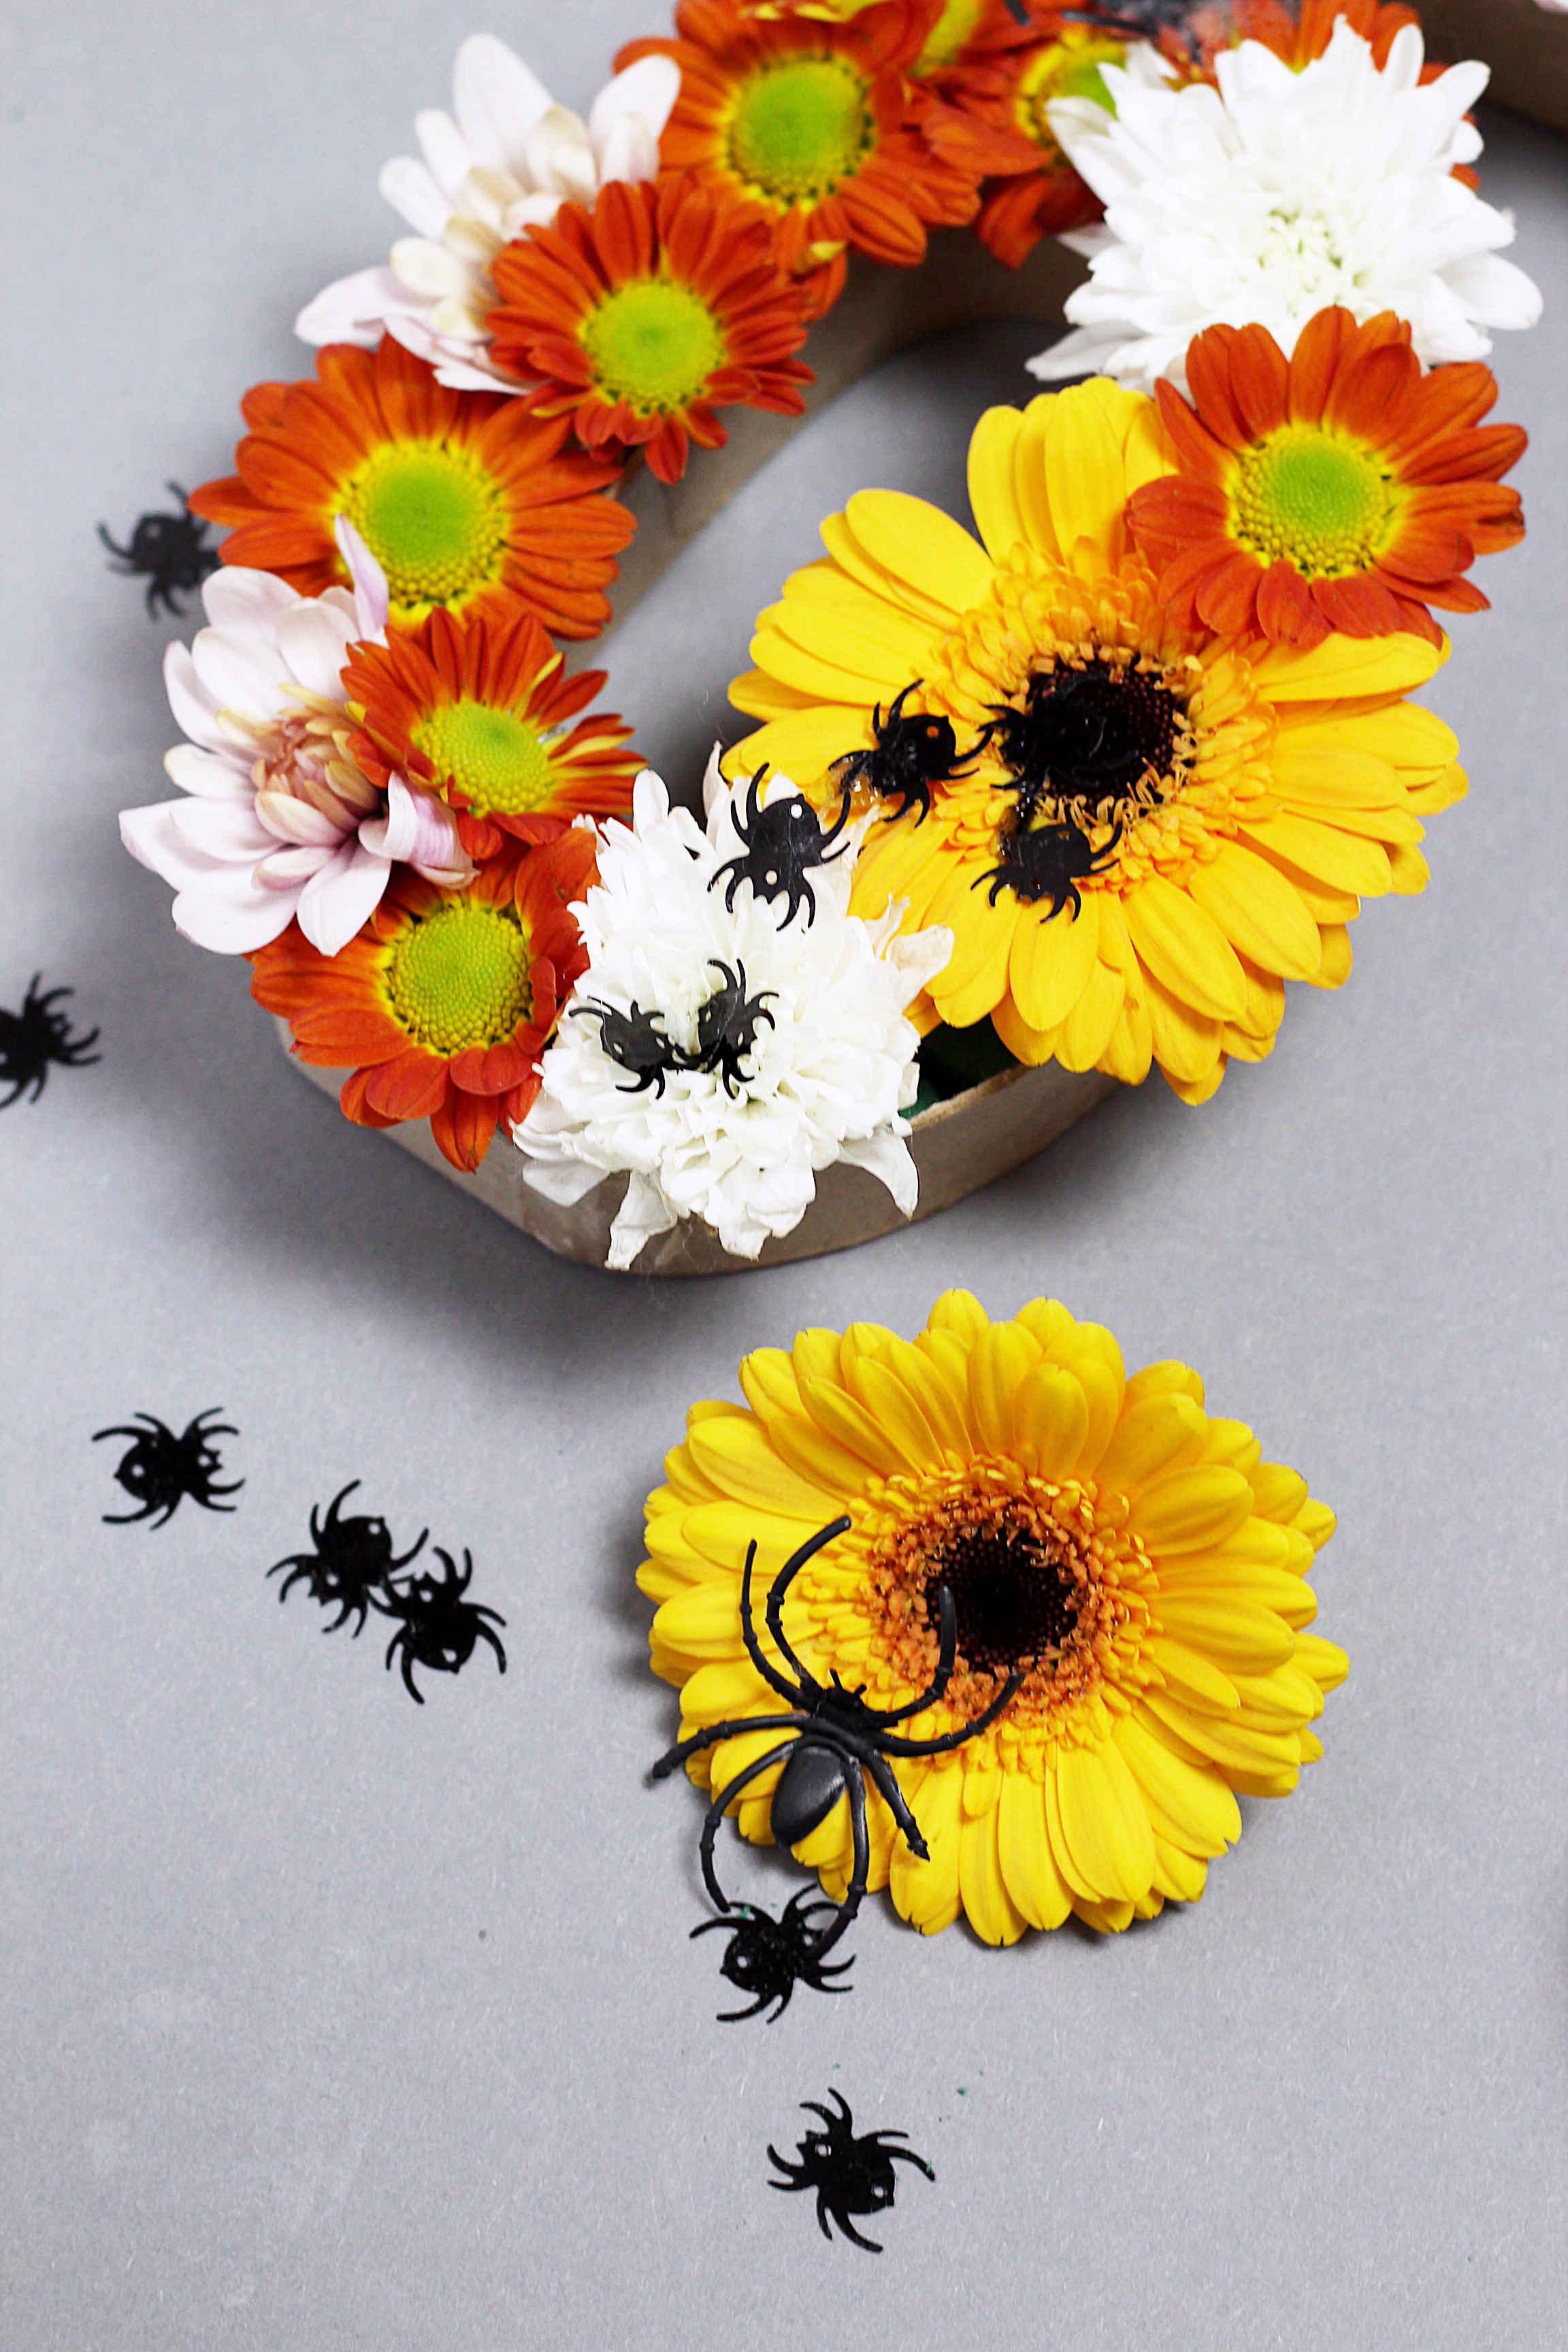 halloween-deko-basteln-selbermachen-mit-blumen-diy-blog